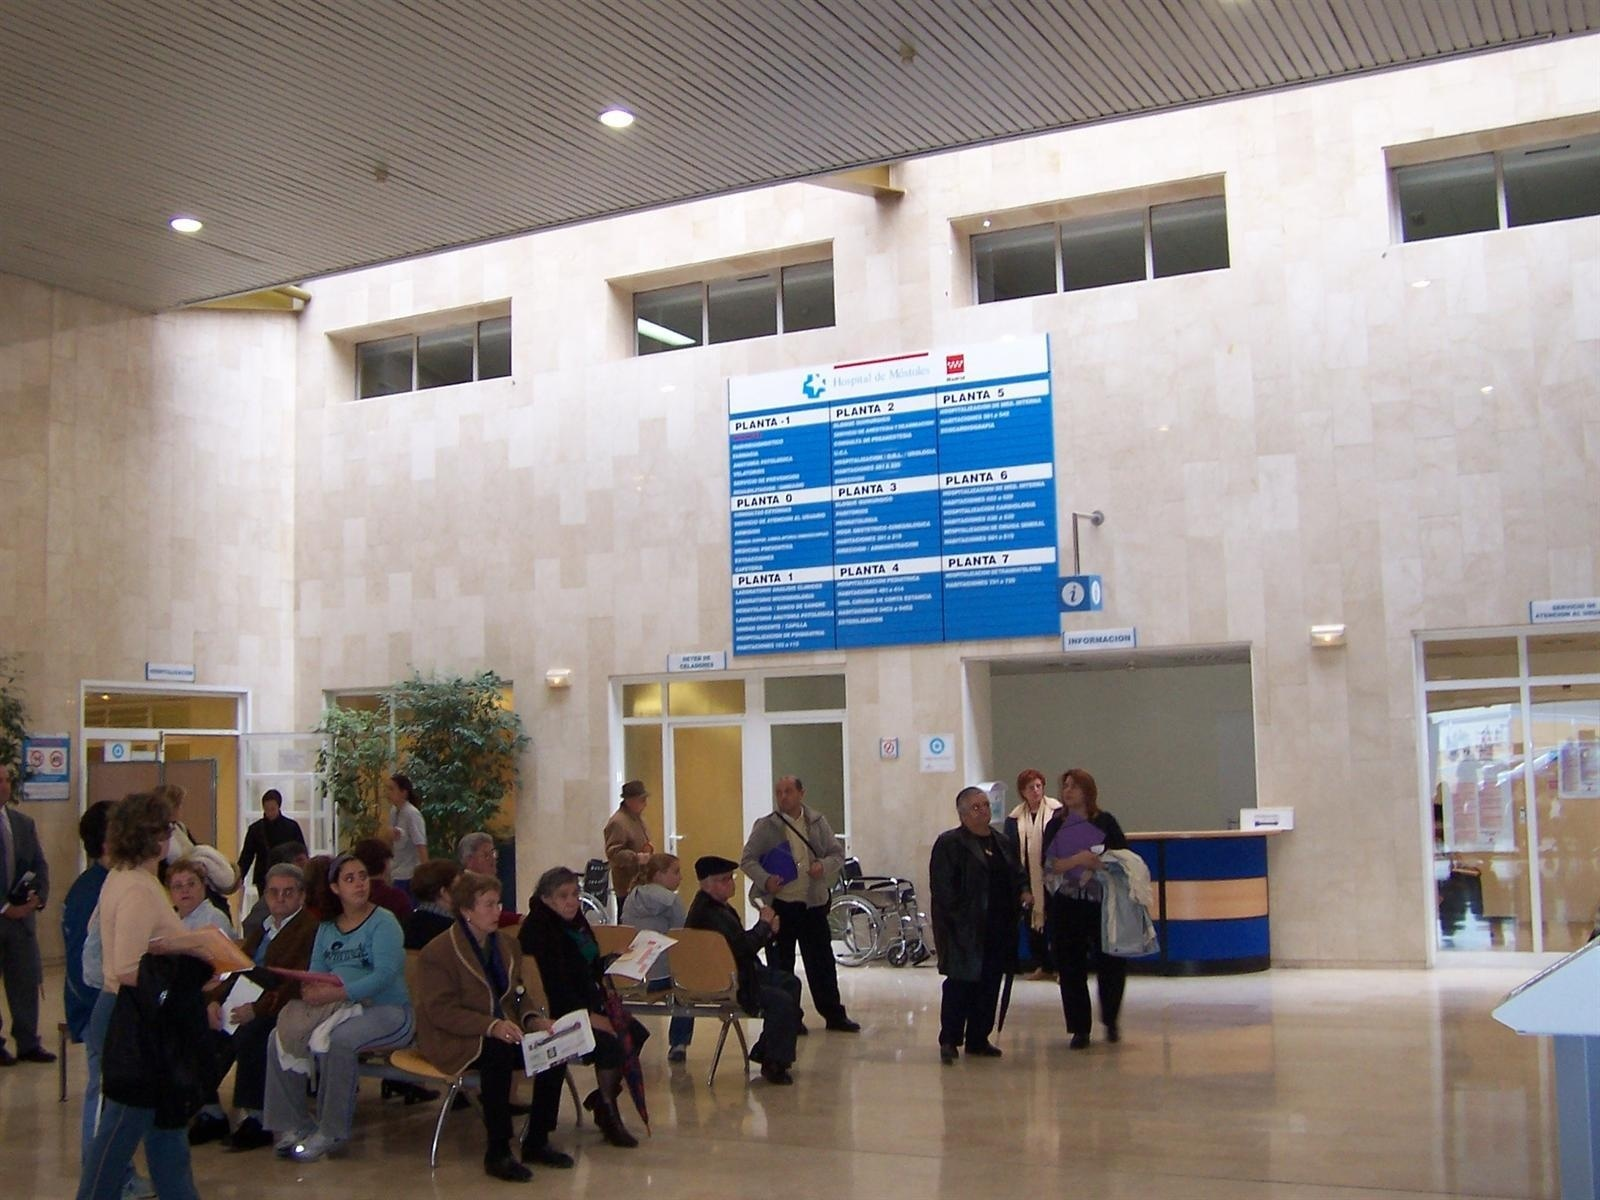 El Hospital de Móstoles realiza su servicio con normalidad después del corte del suministro eléctrico ocurrido el martes